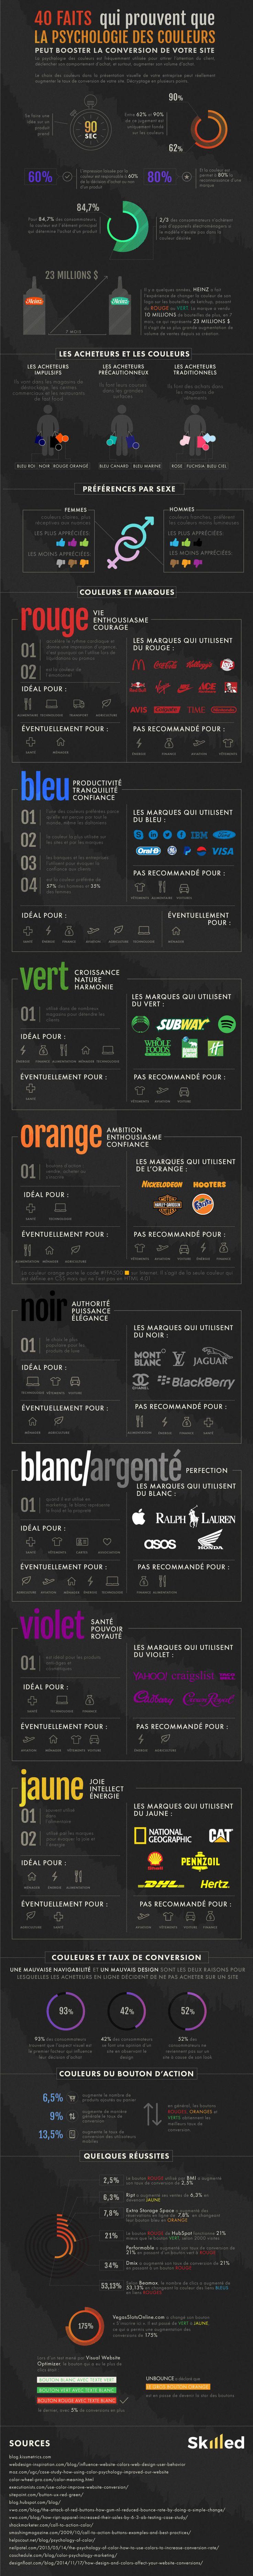 Voici unebien belle et intéressante infographie que nous avons dernièrement reçu. On connaittous l'importance des couleurs dans la représentation graphique…